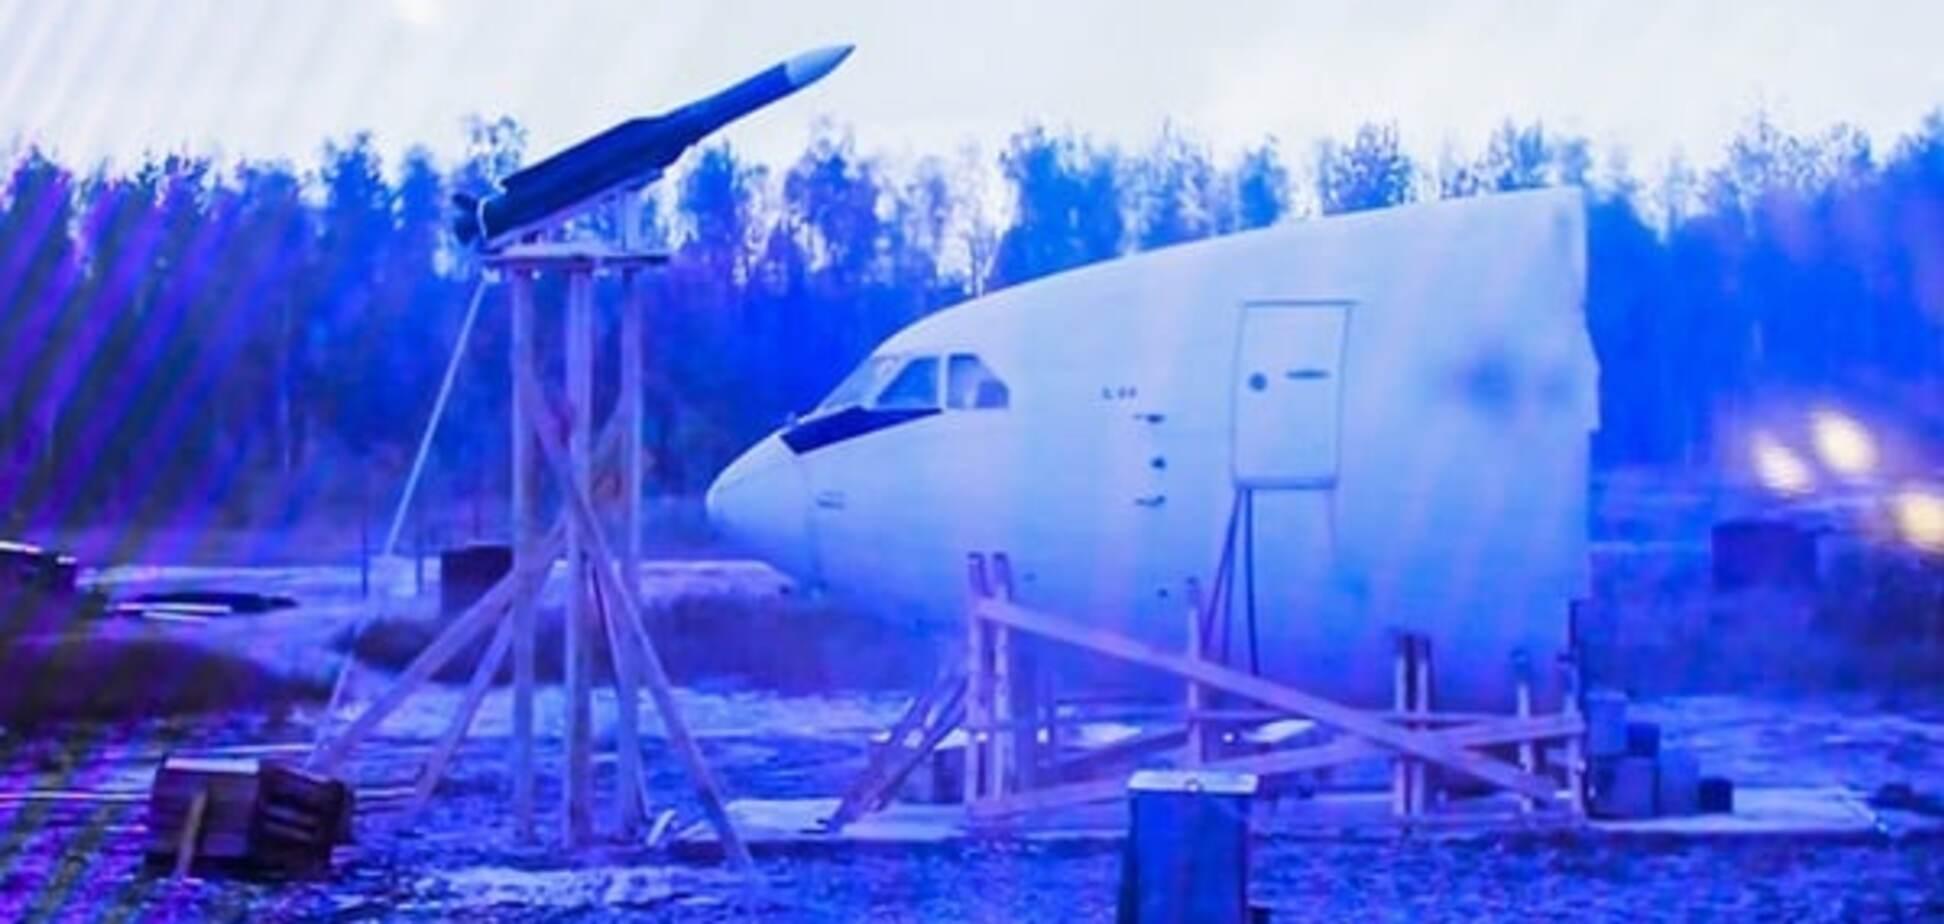 Реконструкция трагедии Boeing